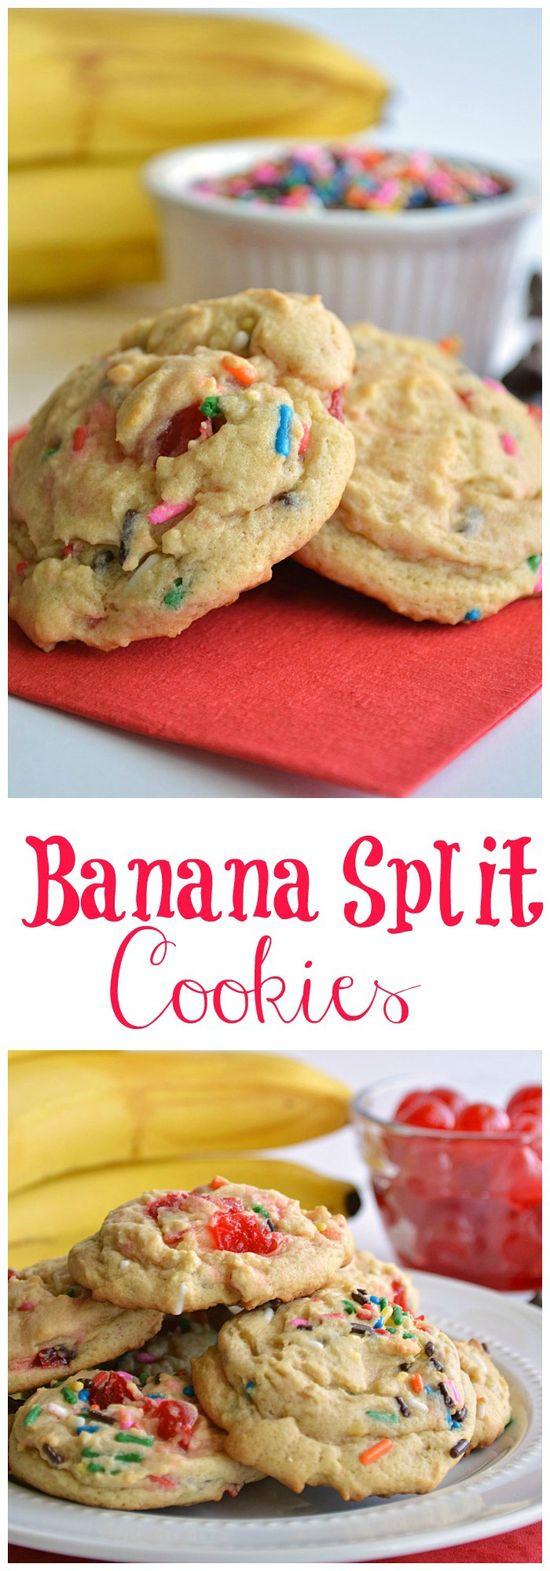 Cookies Cookies Brownie 6654 brownie campbell rd